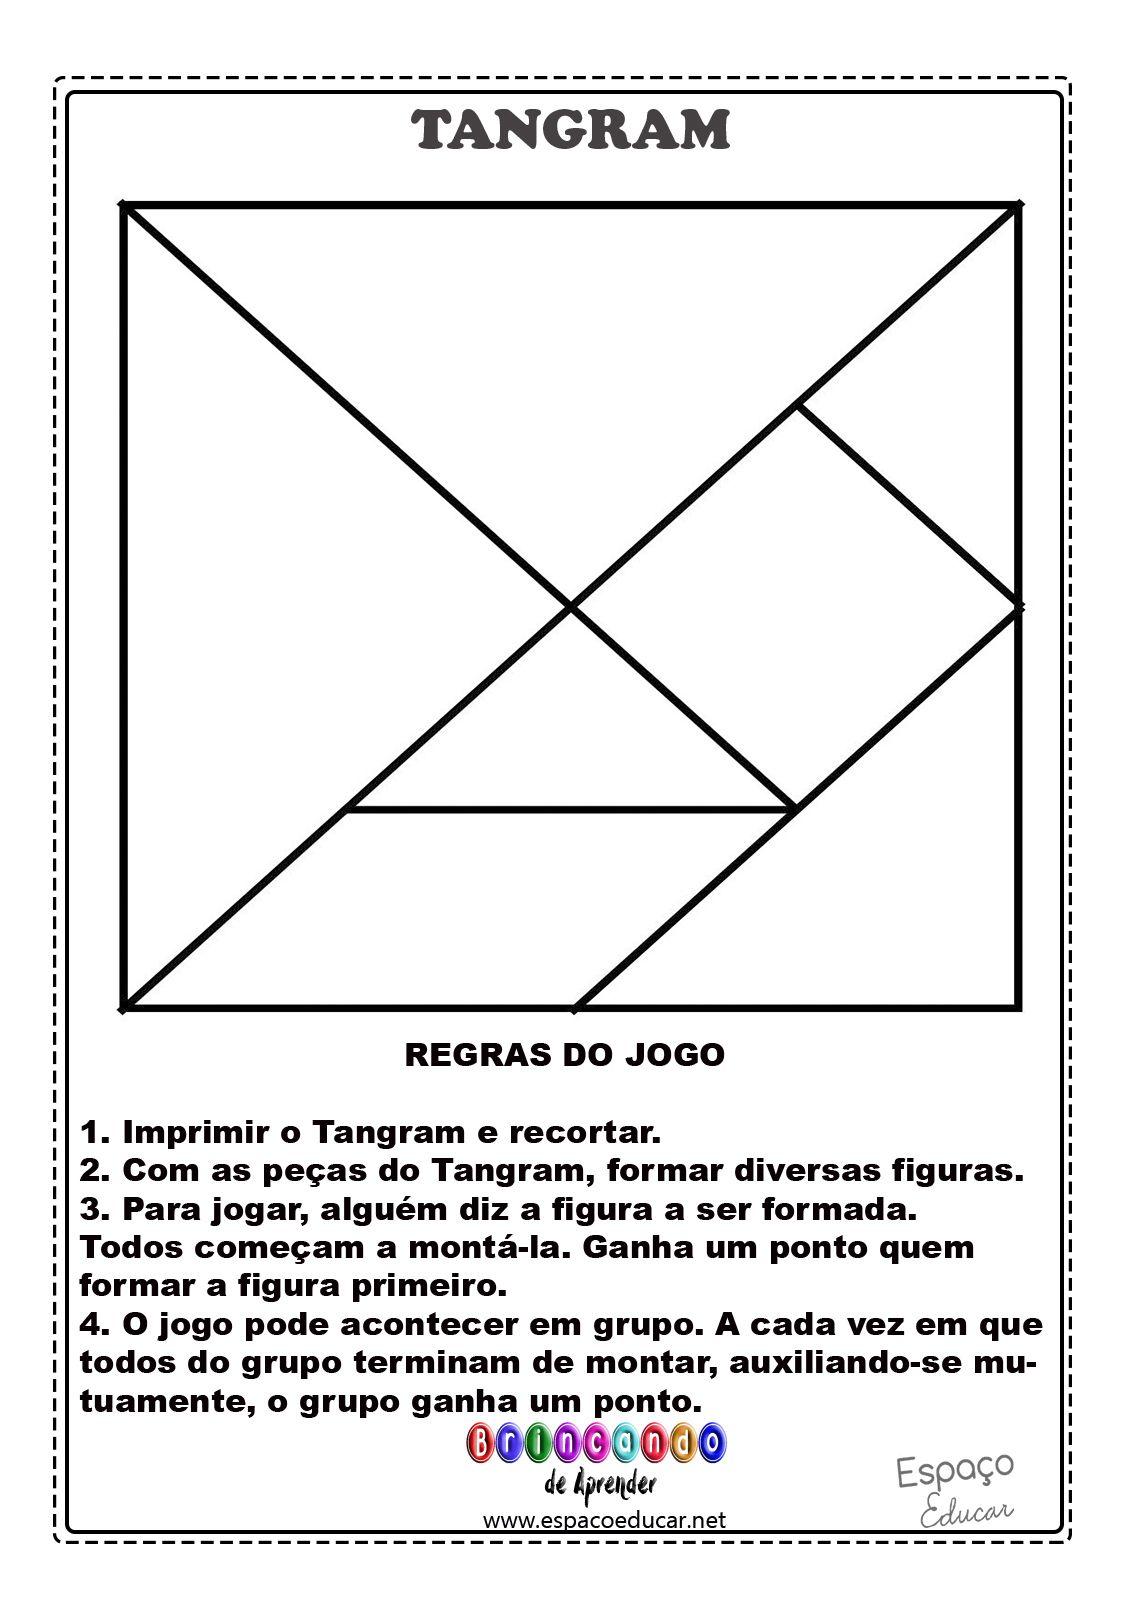 Tangram Para Imprimir Sugestoes De Montagem E Regras Do